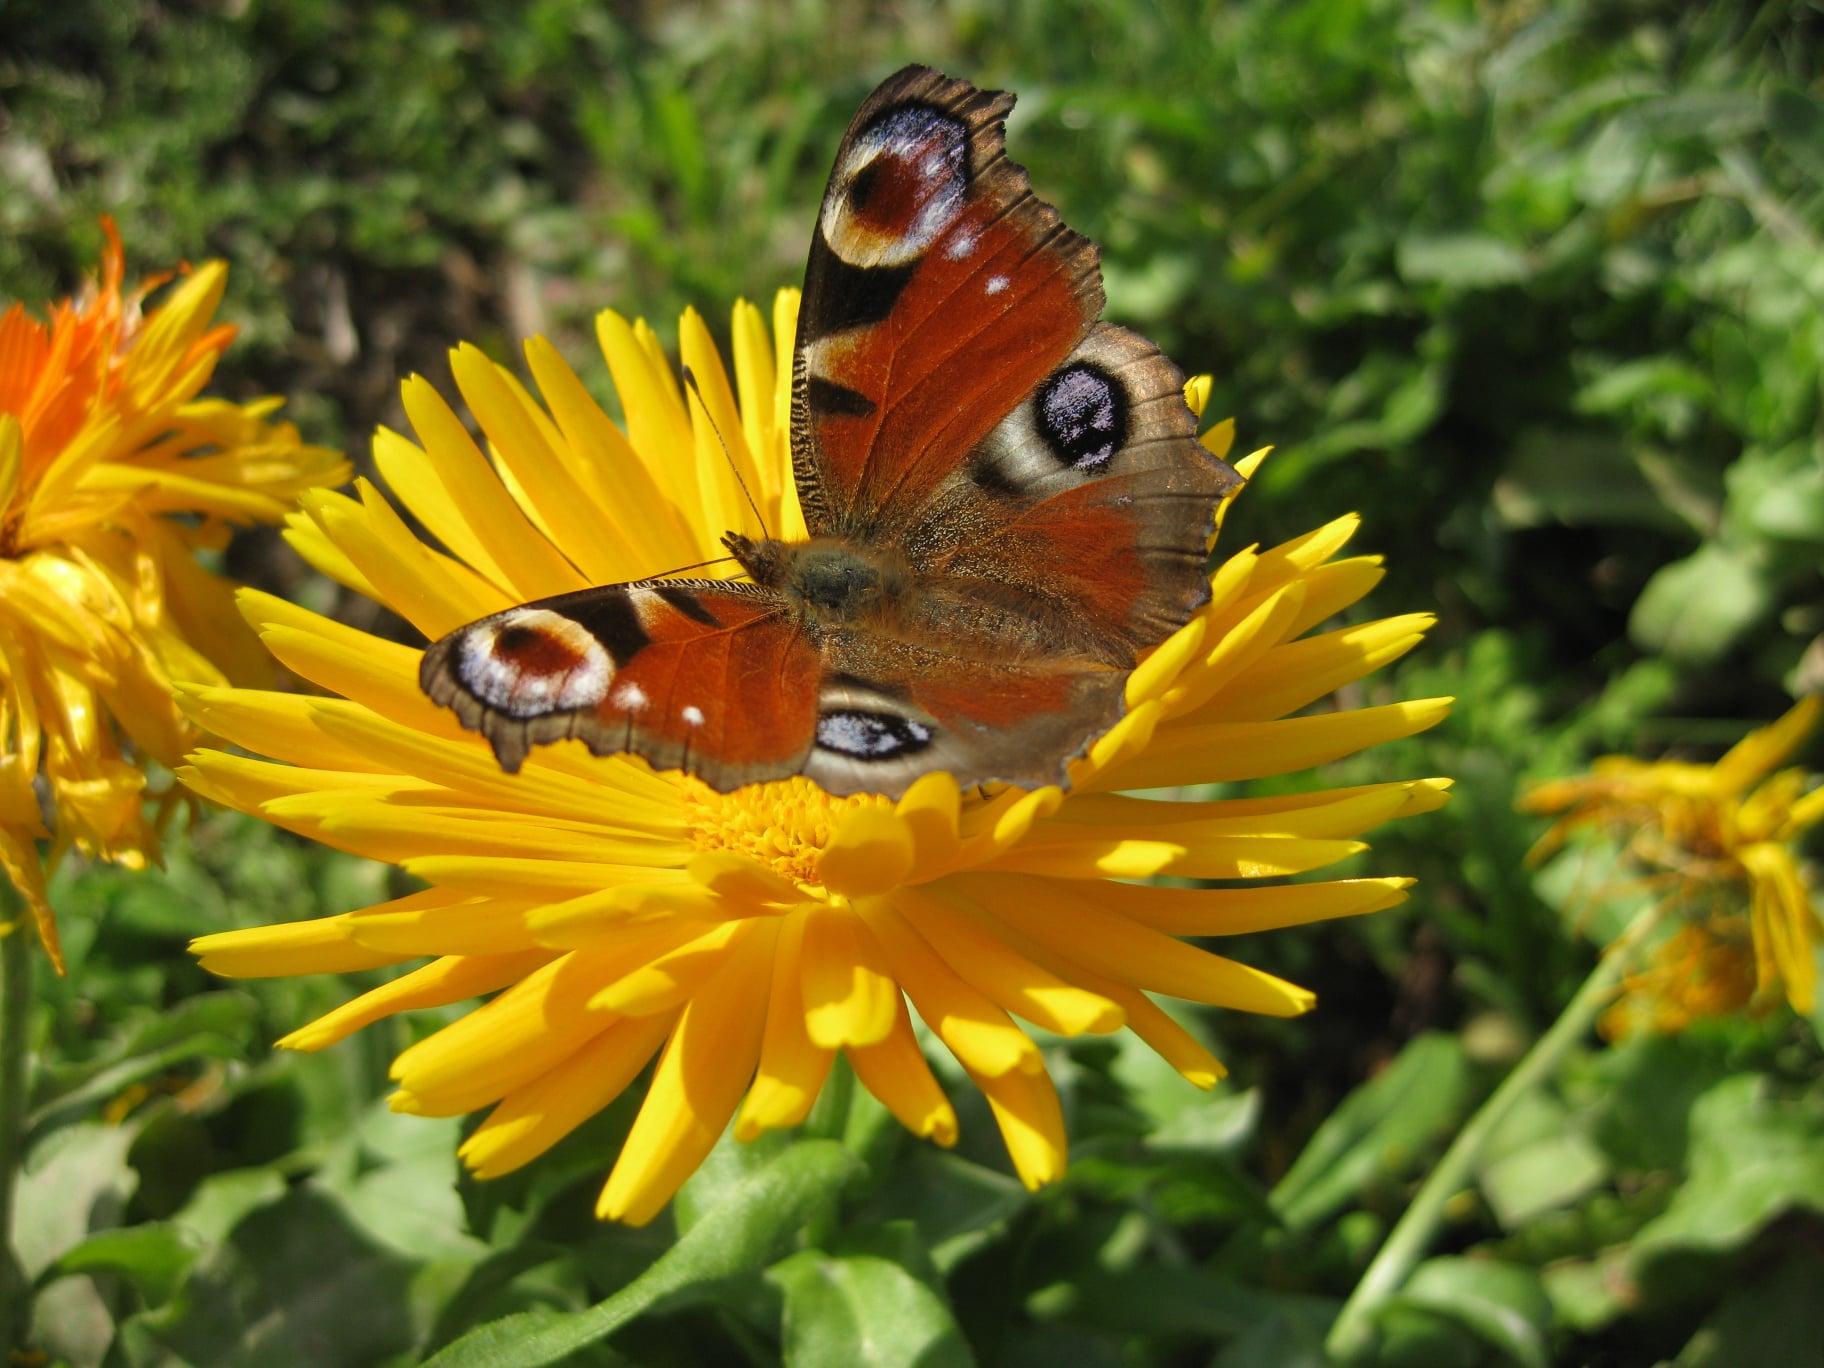 Meerschweinchenwiese - Schmetterling auf Ribgelblume